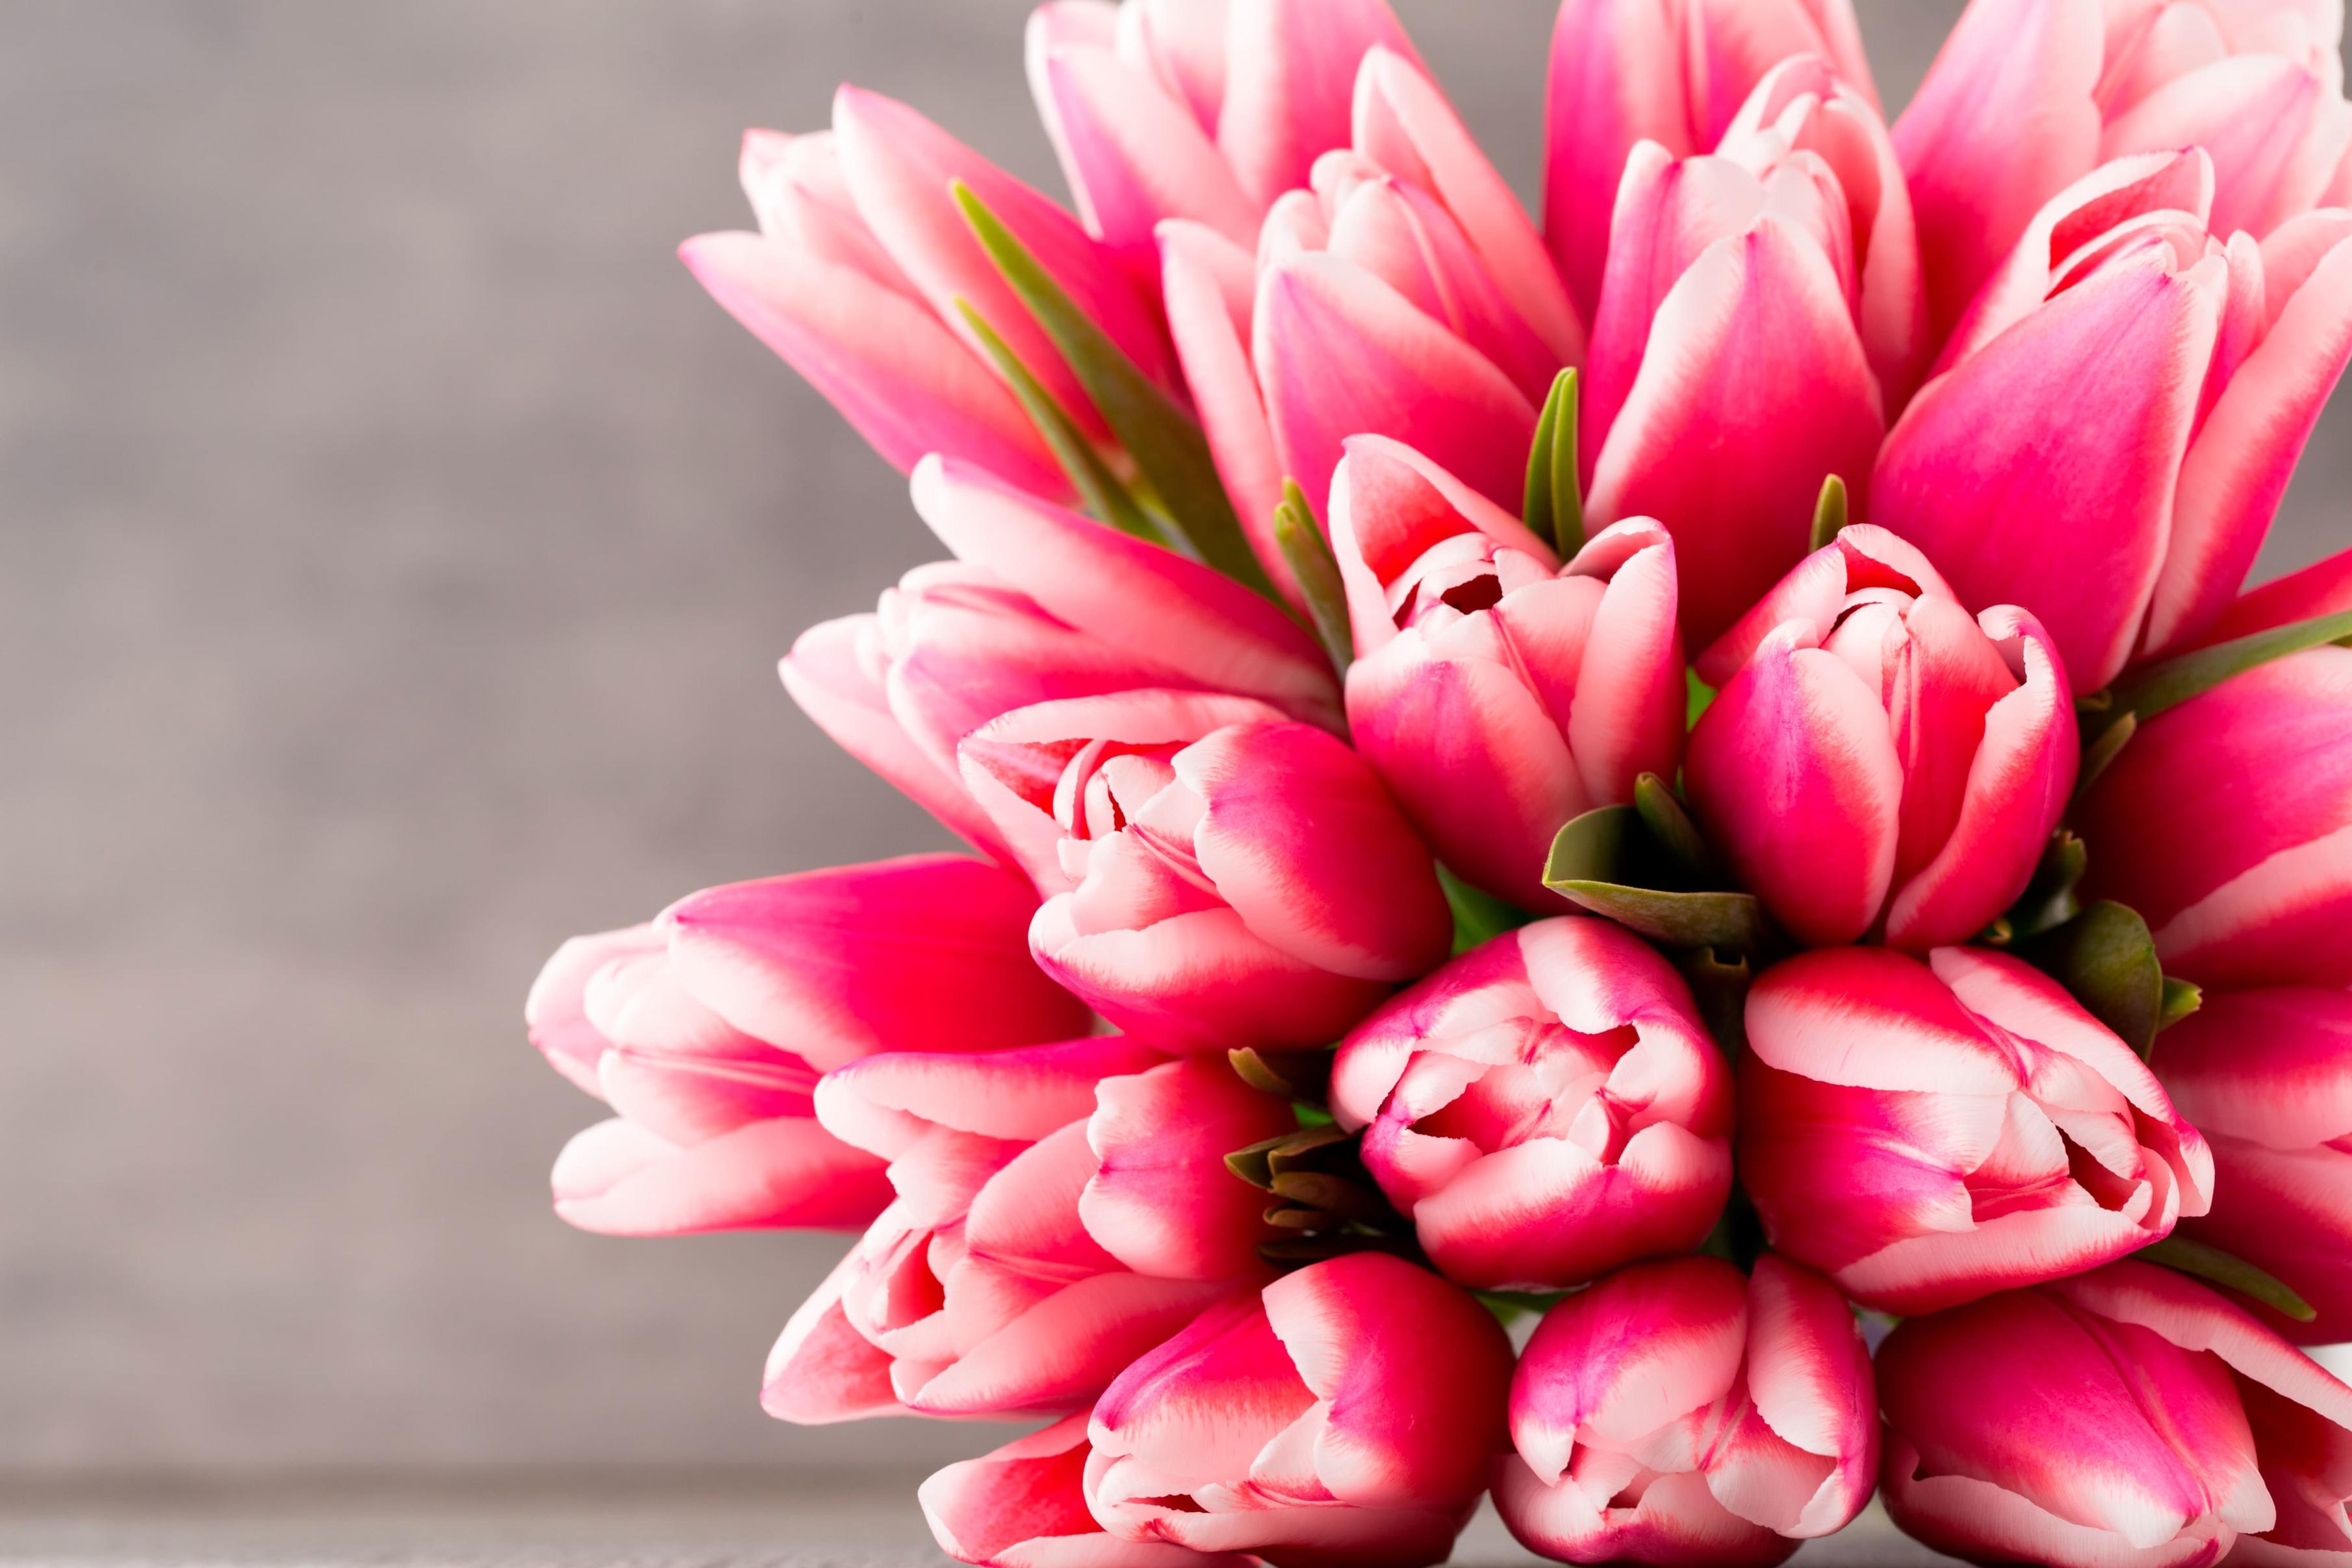 tulip-photo-30